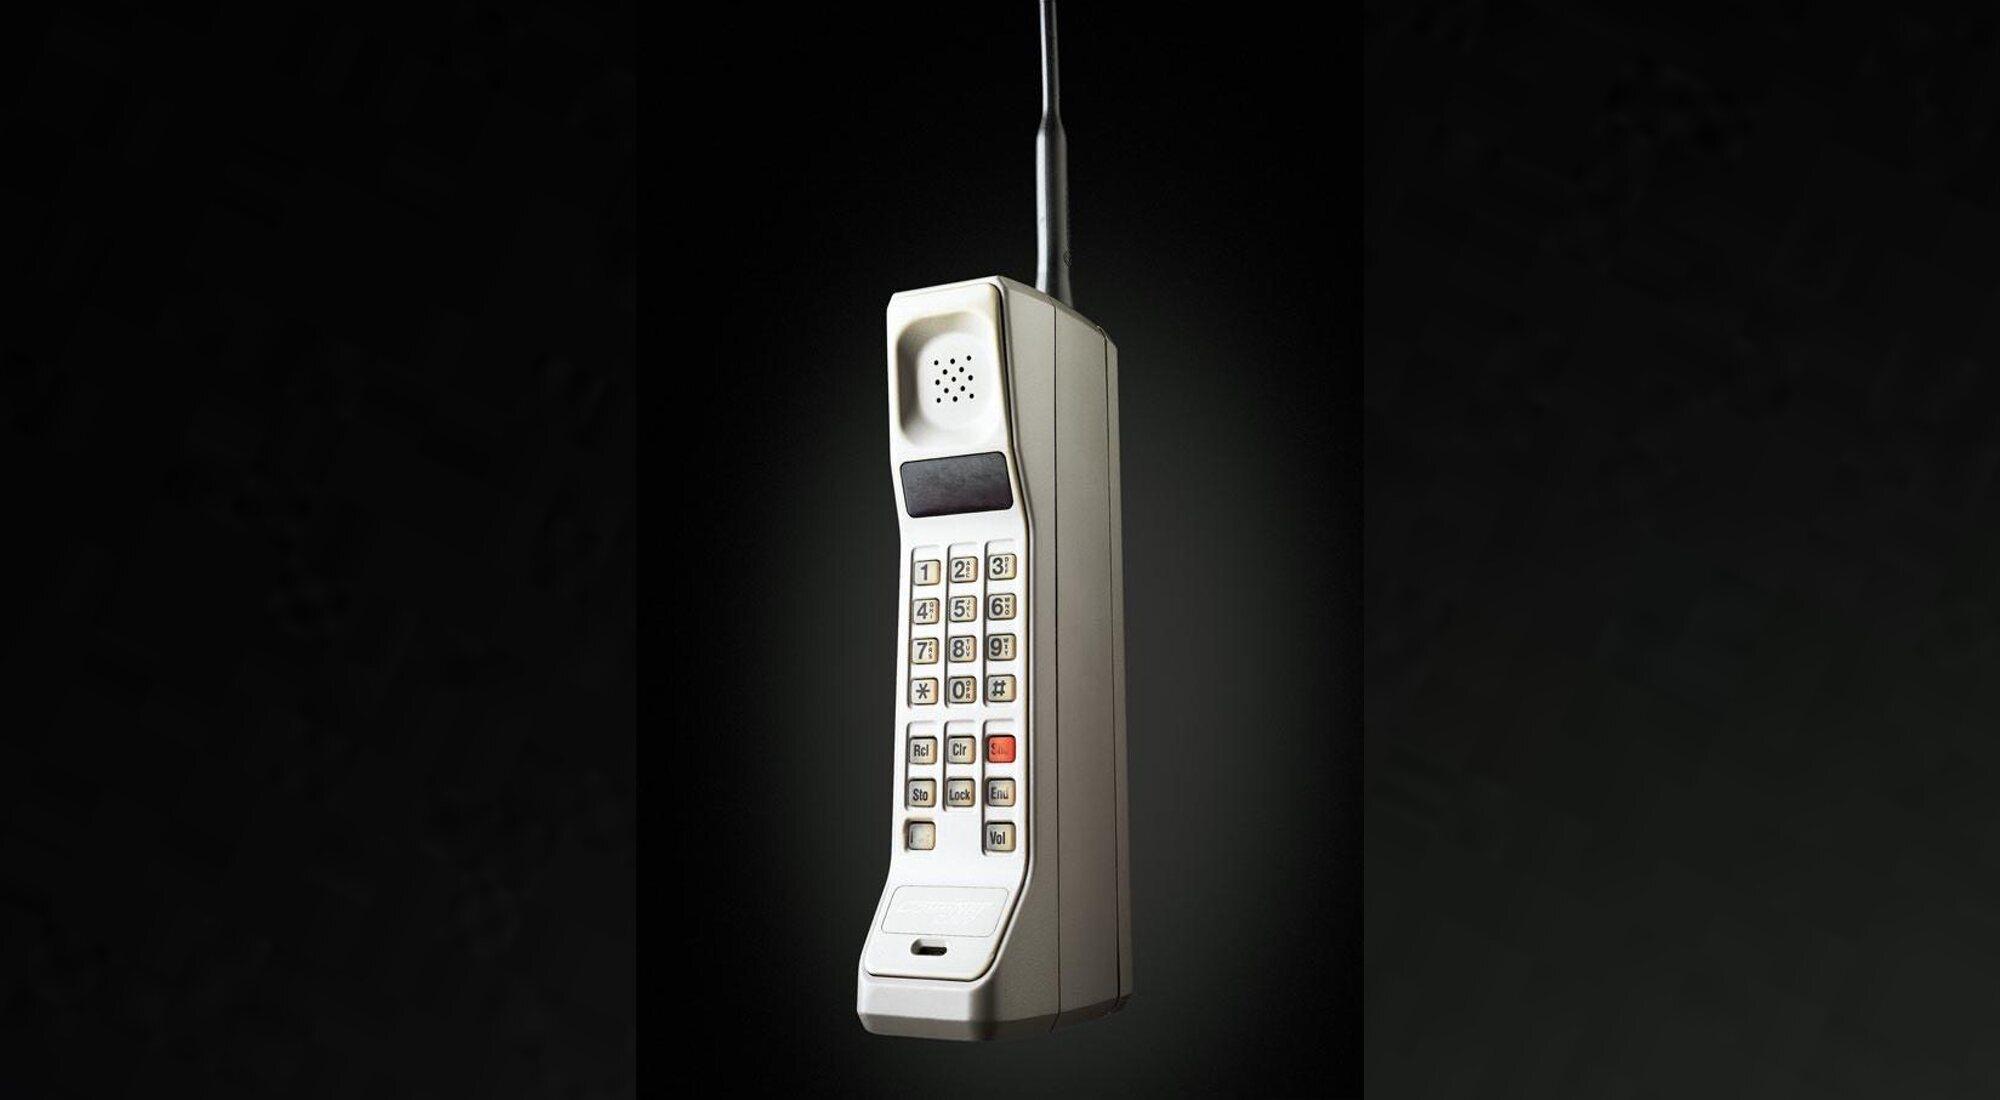 Motorola DynaTAC 8000x: el primer teléfono móvil de la historia cumple 36 años